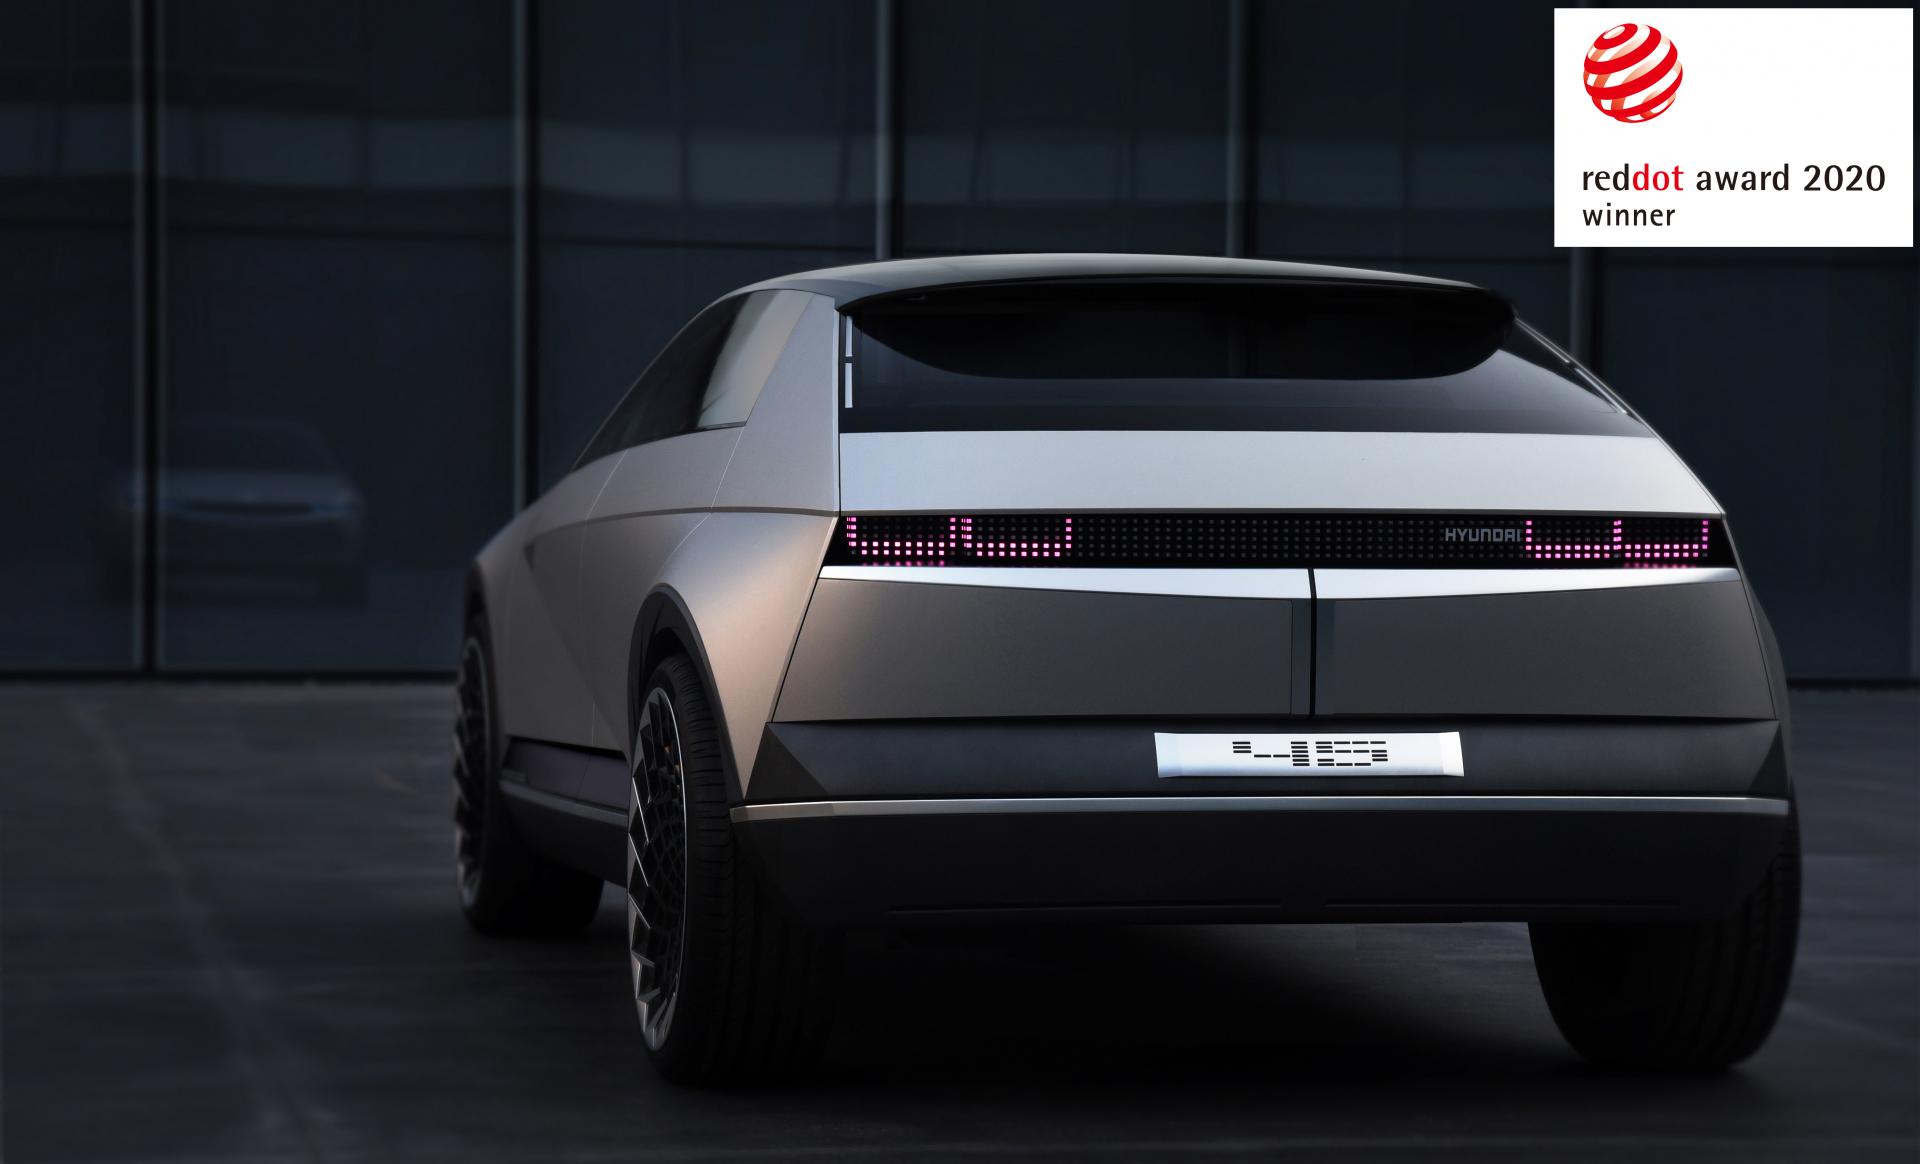 Компанія Hyundai Motor отримала три нагороди Red Dot Award 2020 за концептуальний дизайн | Паритет - фото 10